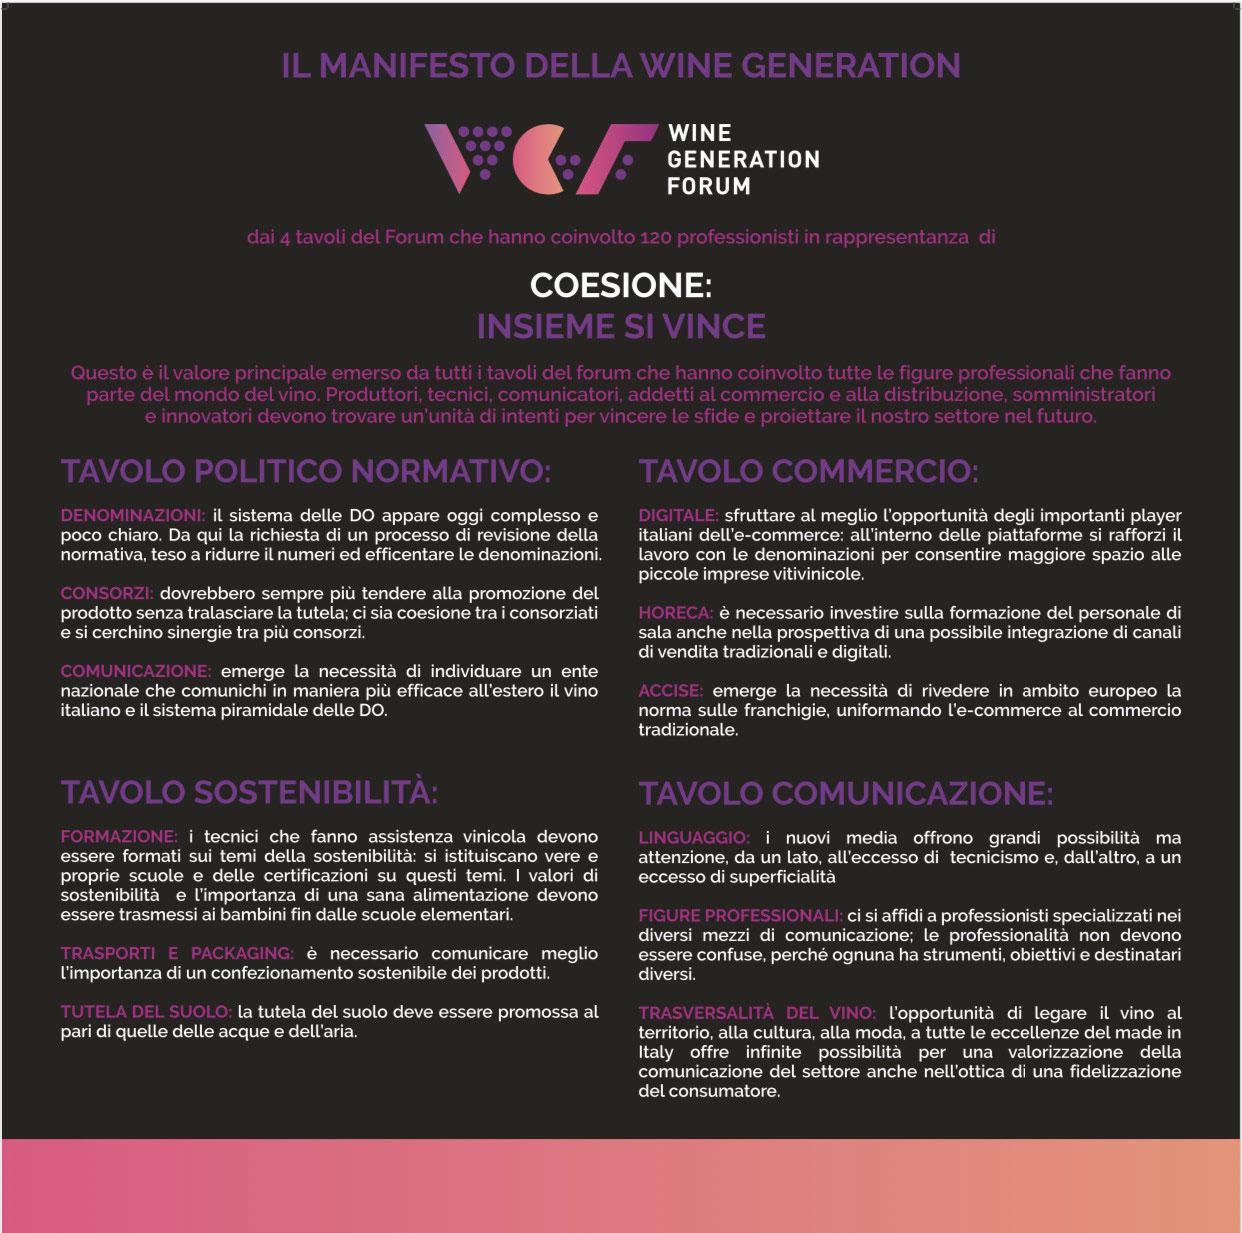 manifesto della wine generation